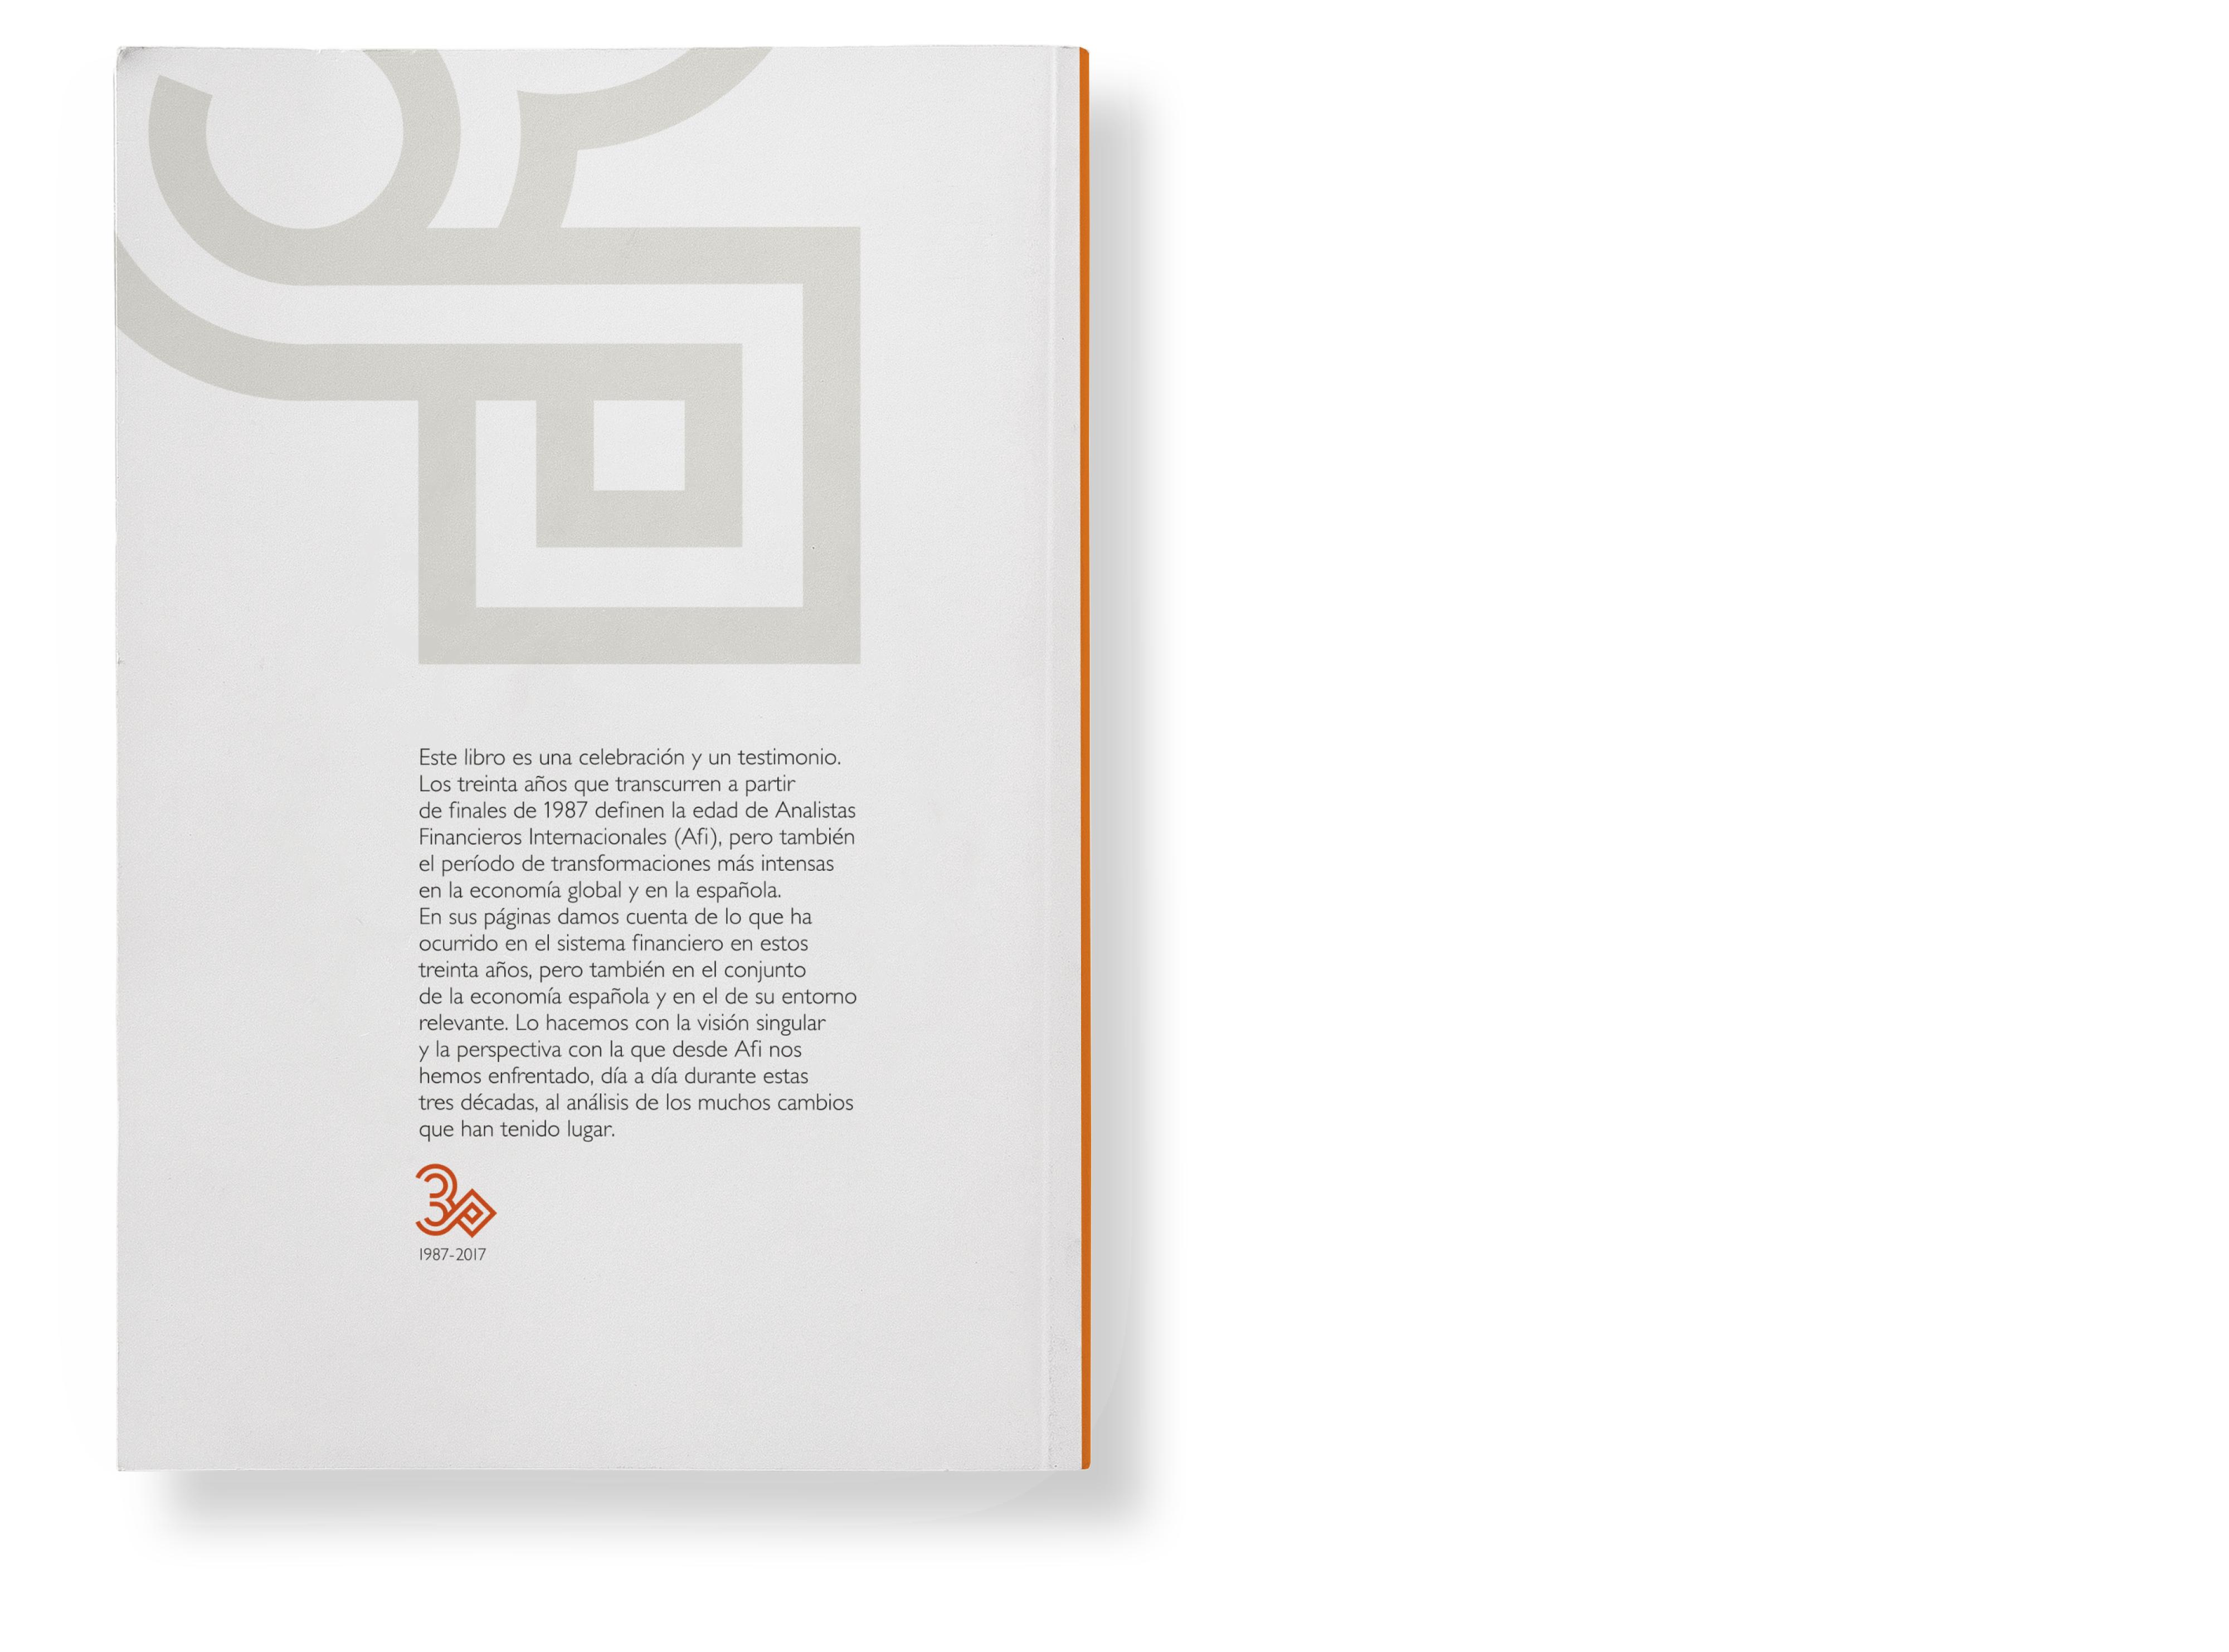 afiI-30años-catalogo-contraportada